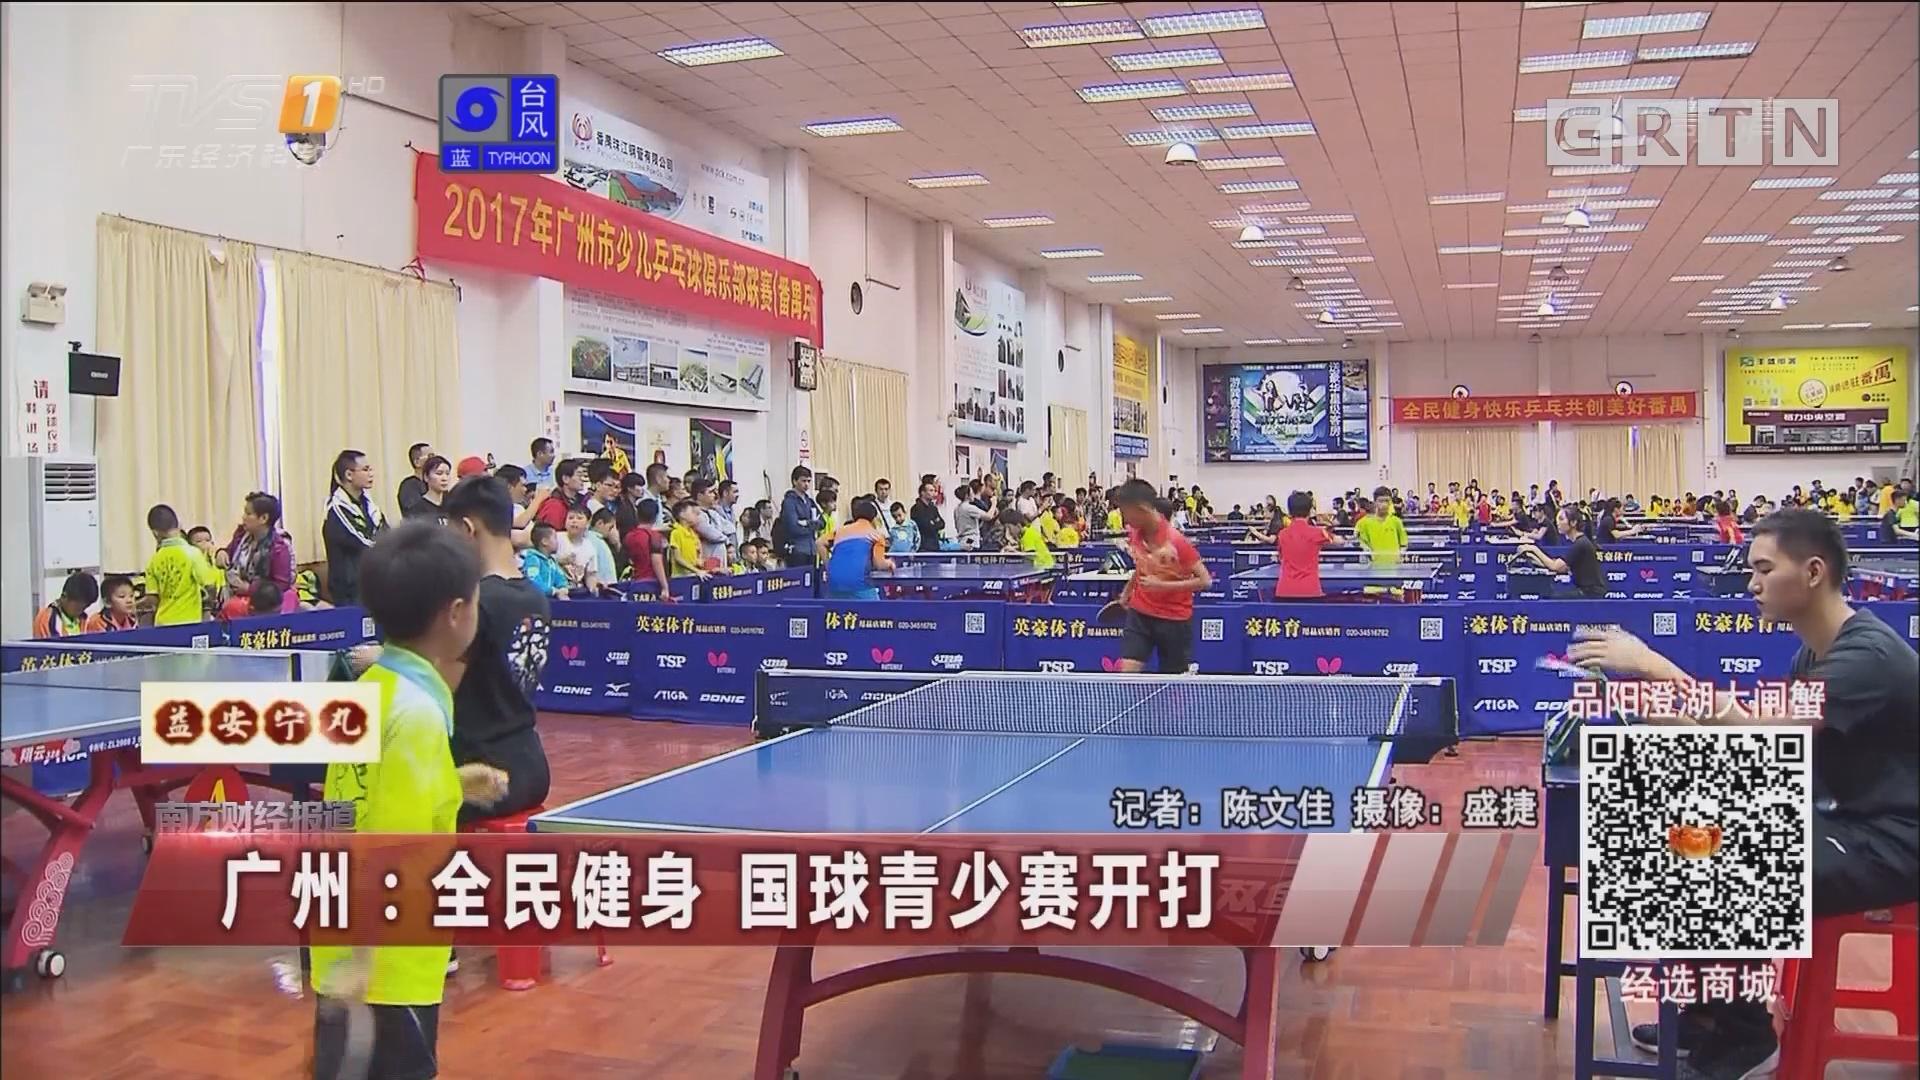 广州:全民健身 国球青少赛开打